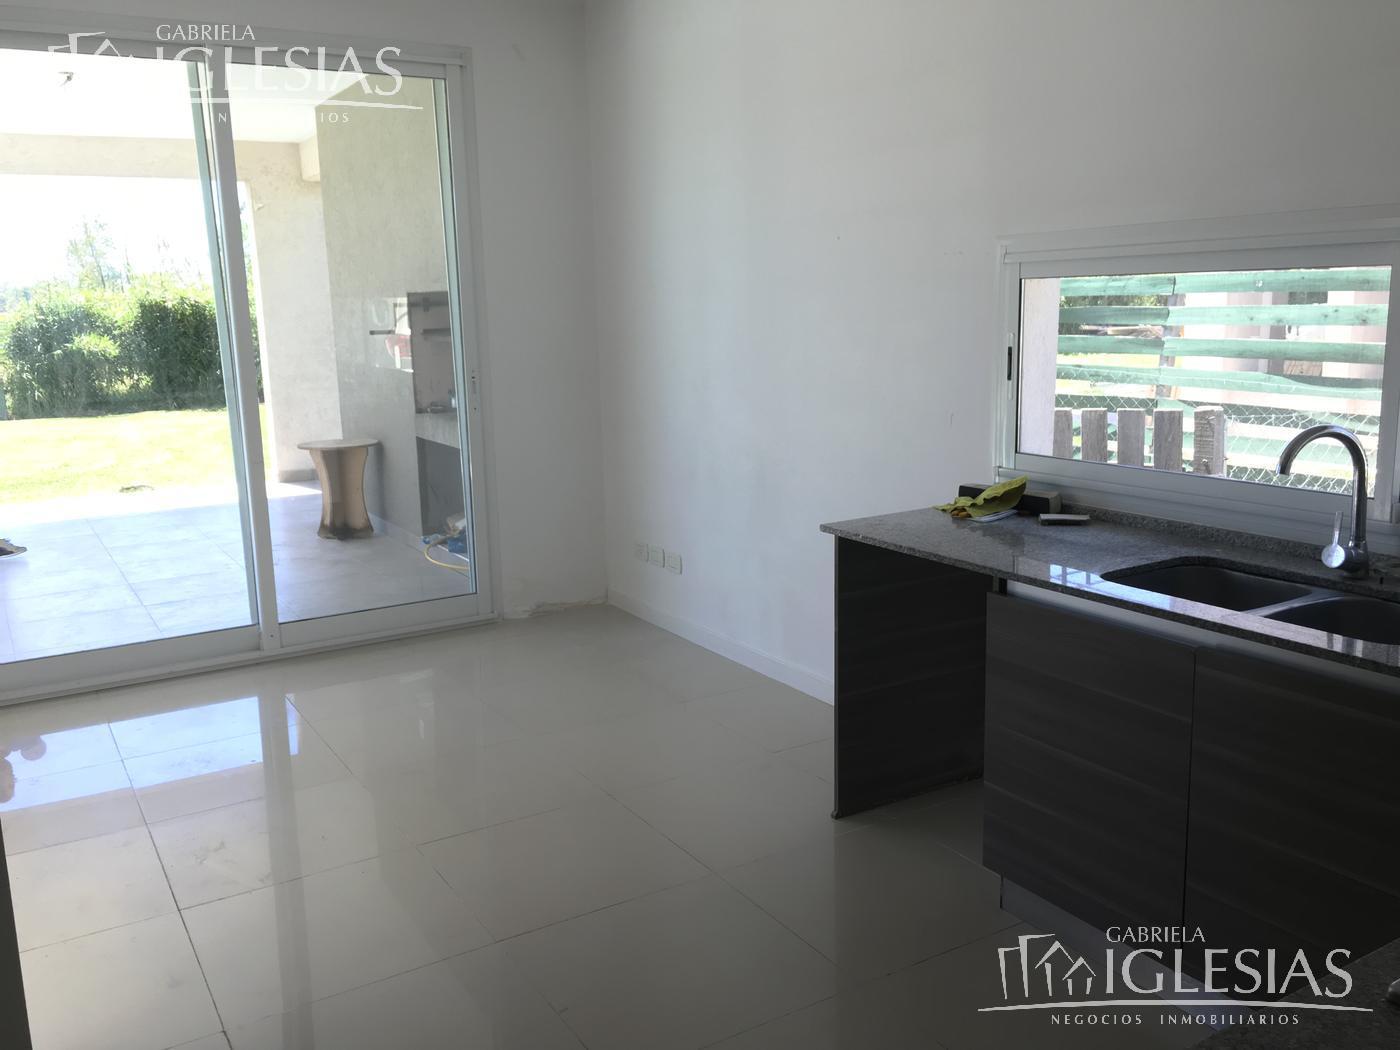 Casa en Venta en Los Lagos a Venta - u$s 410.000